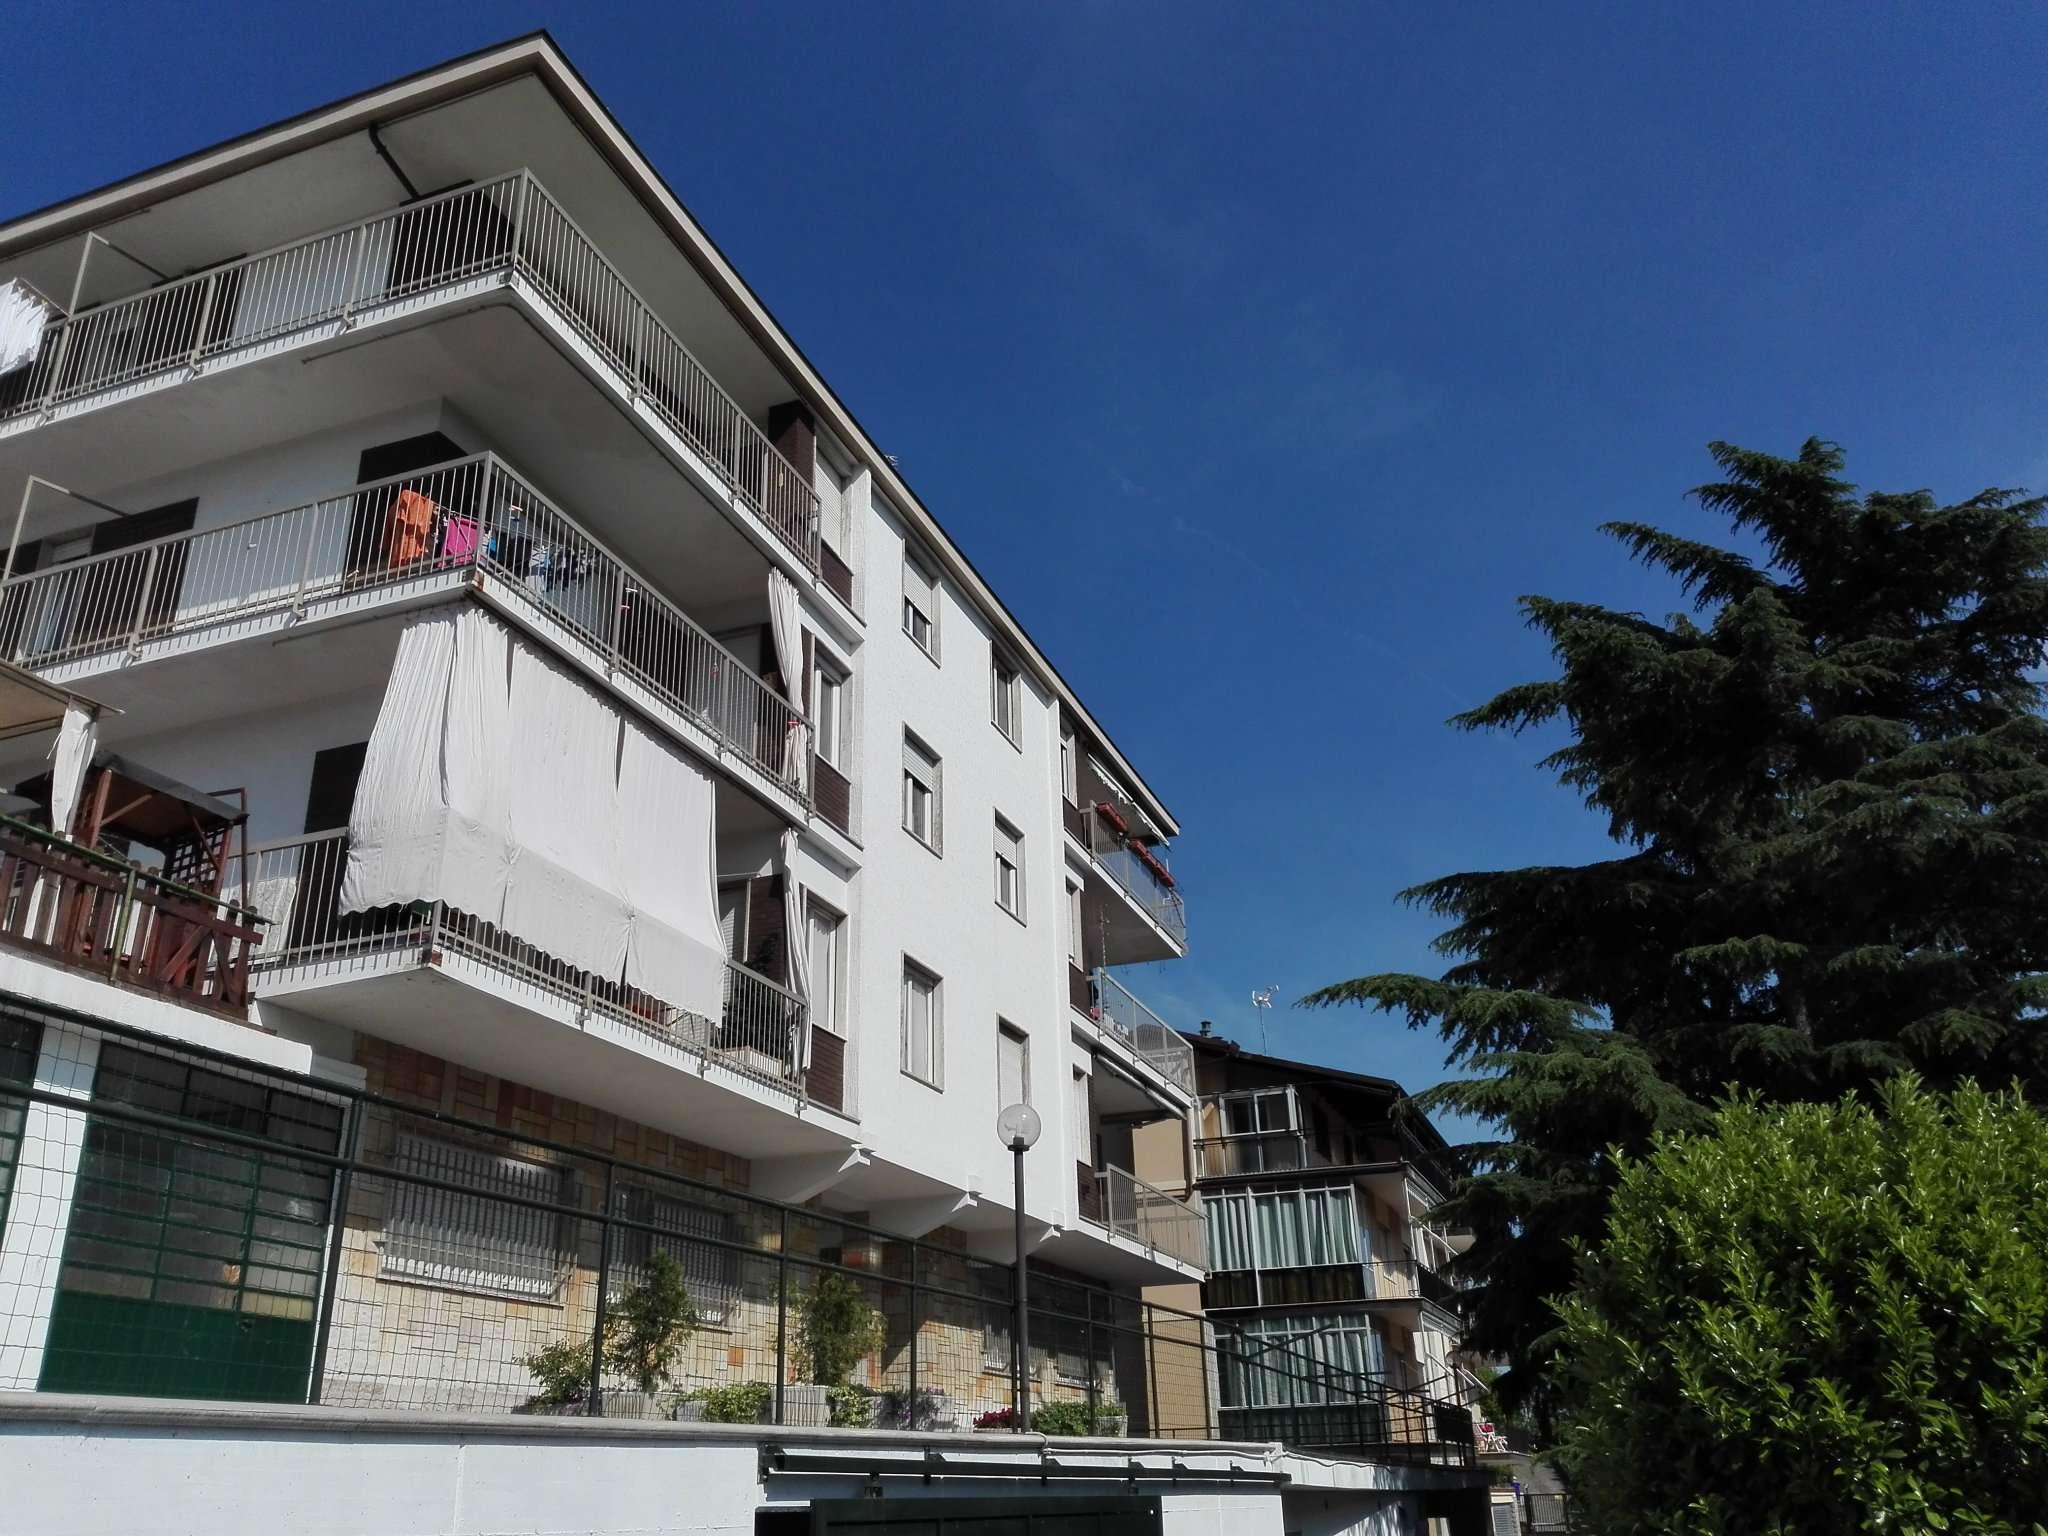 Appartamento in affitto a Pino Torinese, 4 locali, prezzo € 400 | CambioCasa.it